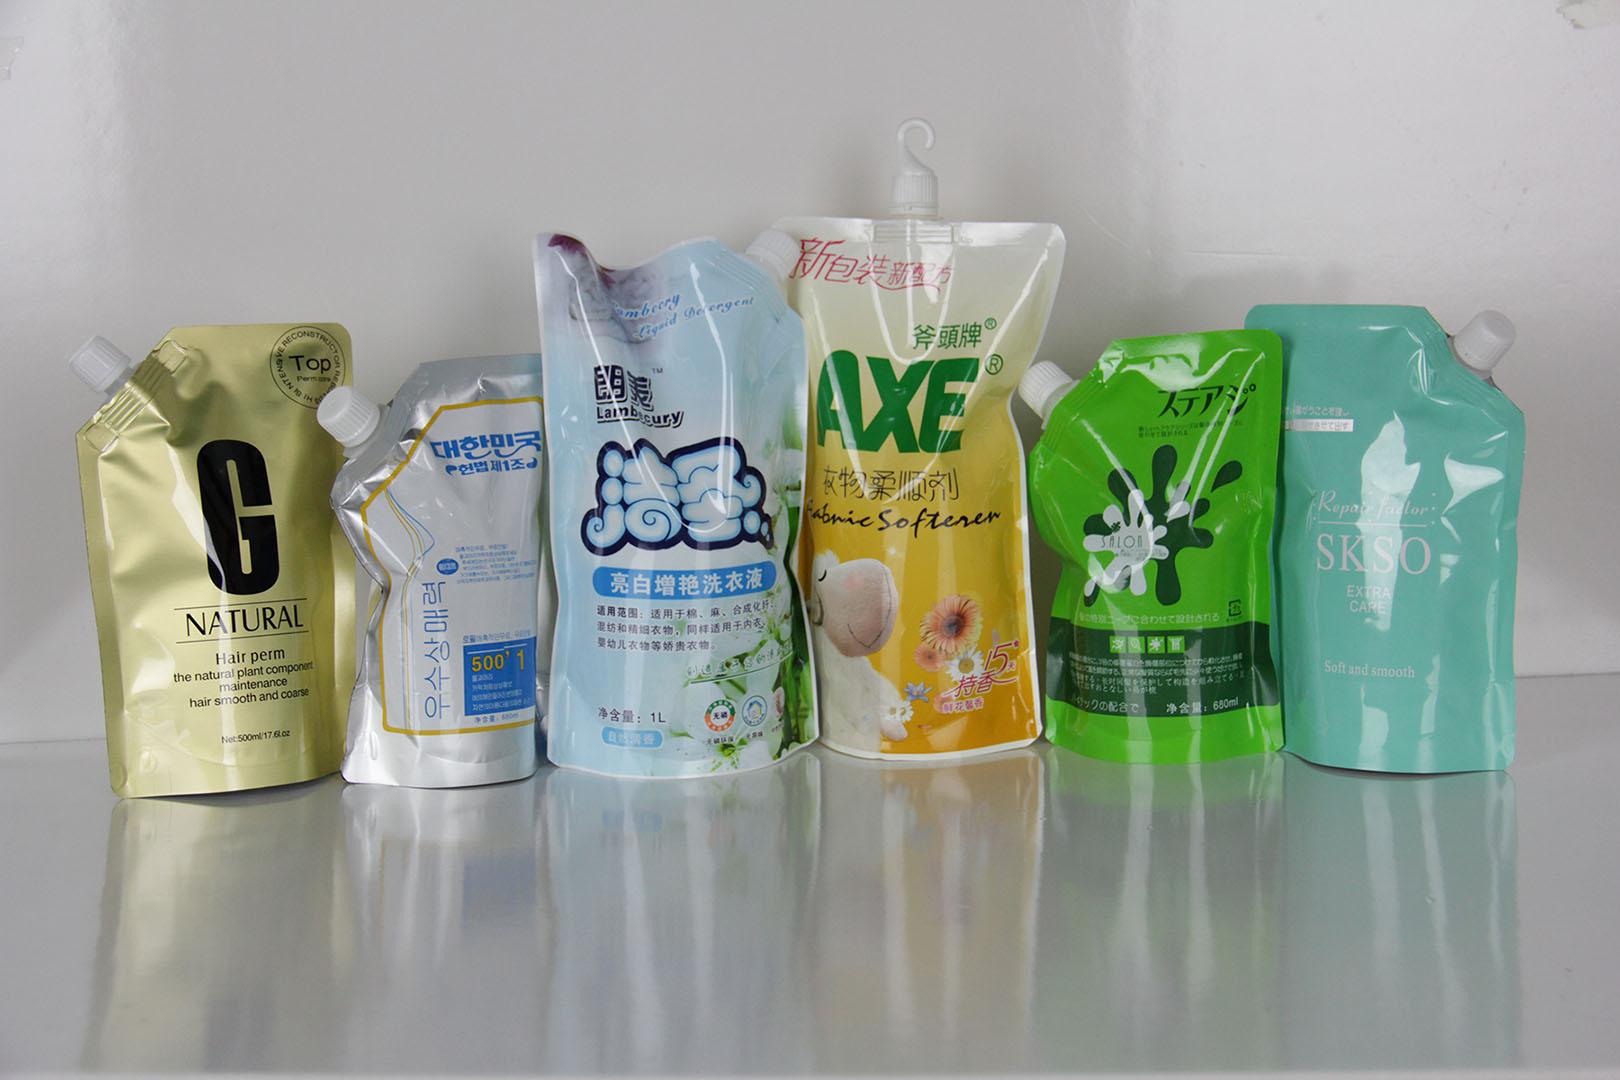 厂家直供吸嘴自立包装袋洗涤洗衣液包装袋定制包装袋